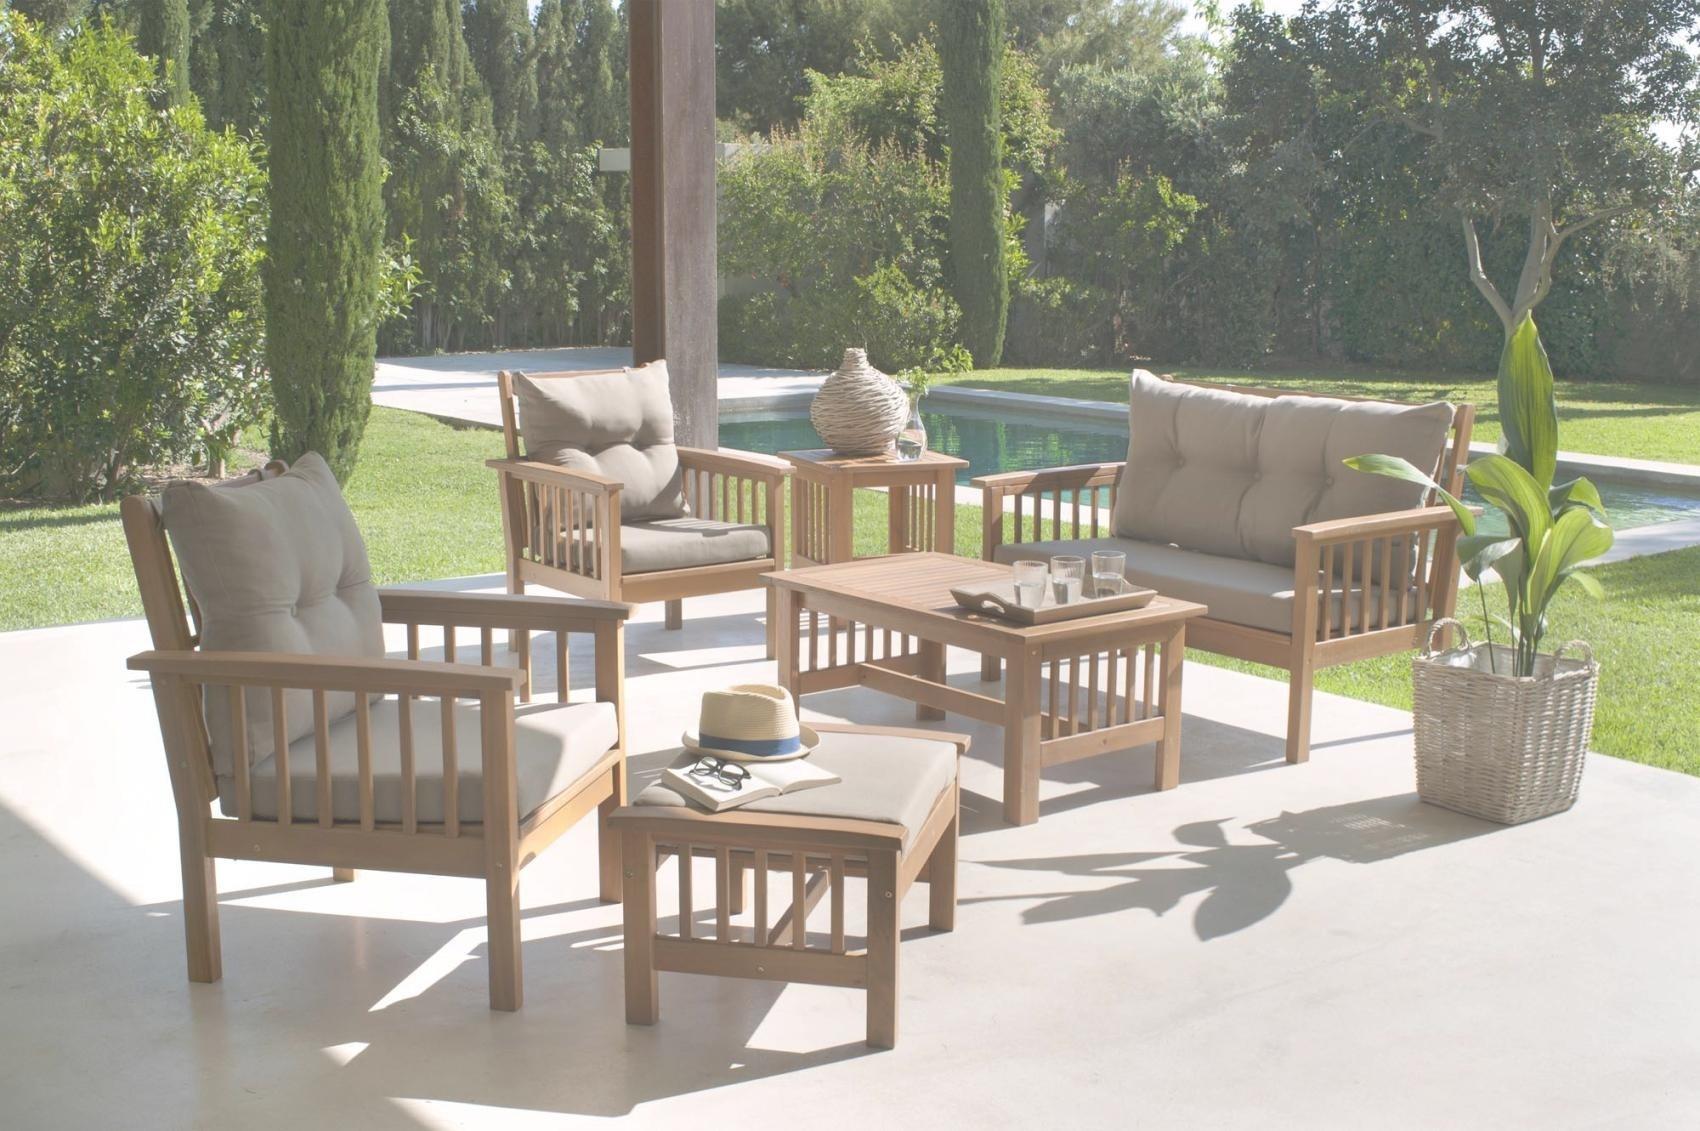 Salon De Jardin Intermarché Meilleur De Galerie Unique De Promo Salon De Jardin Conception Idées De Table